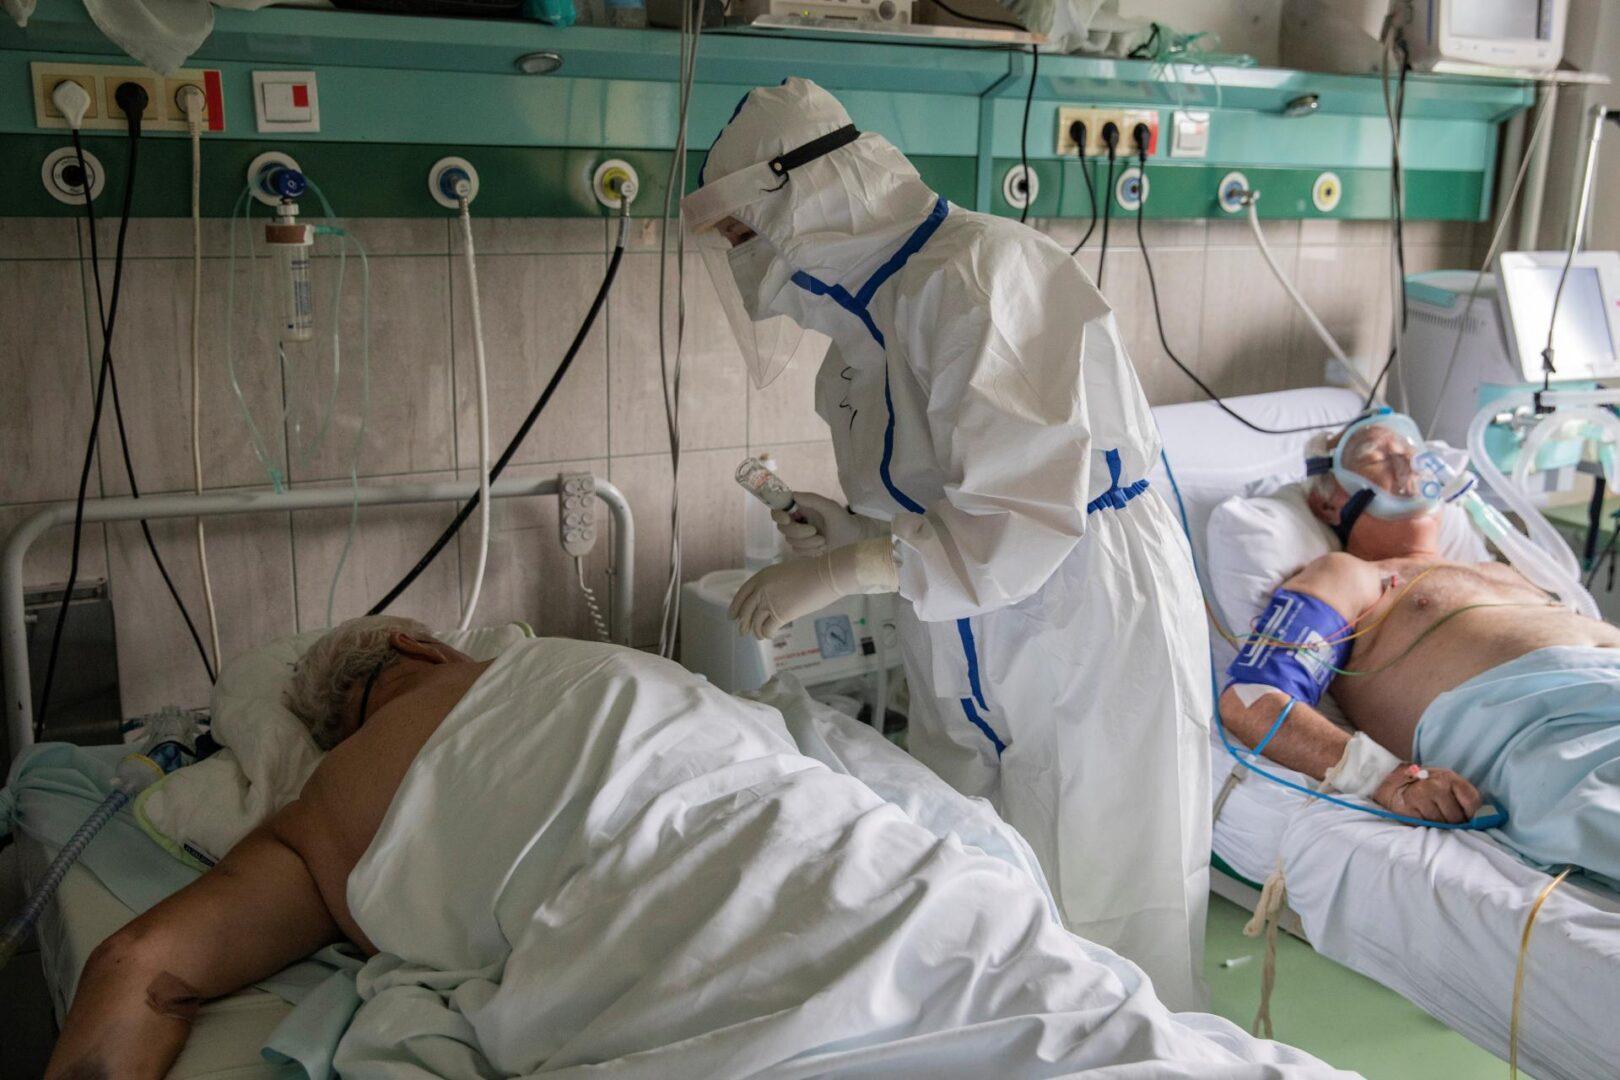 Tudi Cerkev pomaga po bolnišnici, a se redovnice in redovniki ne hvalijo o tem.